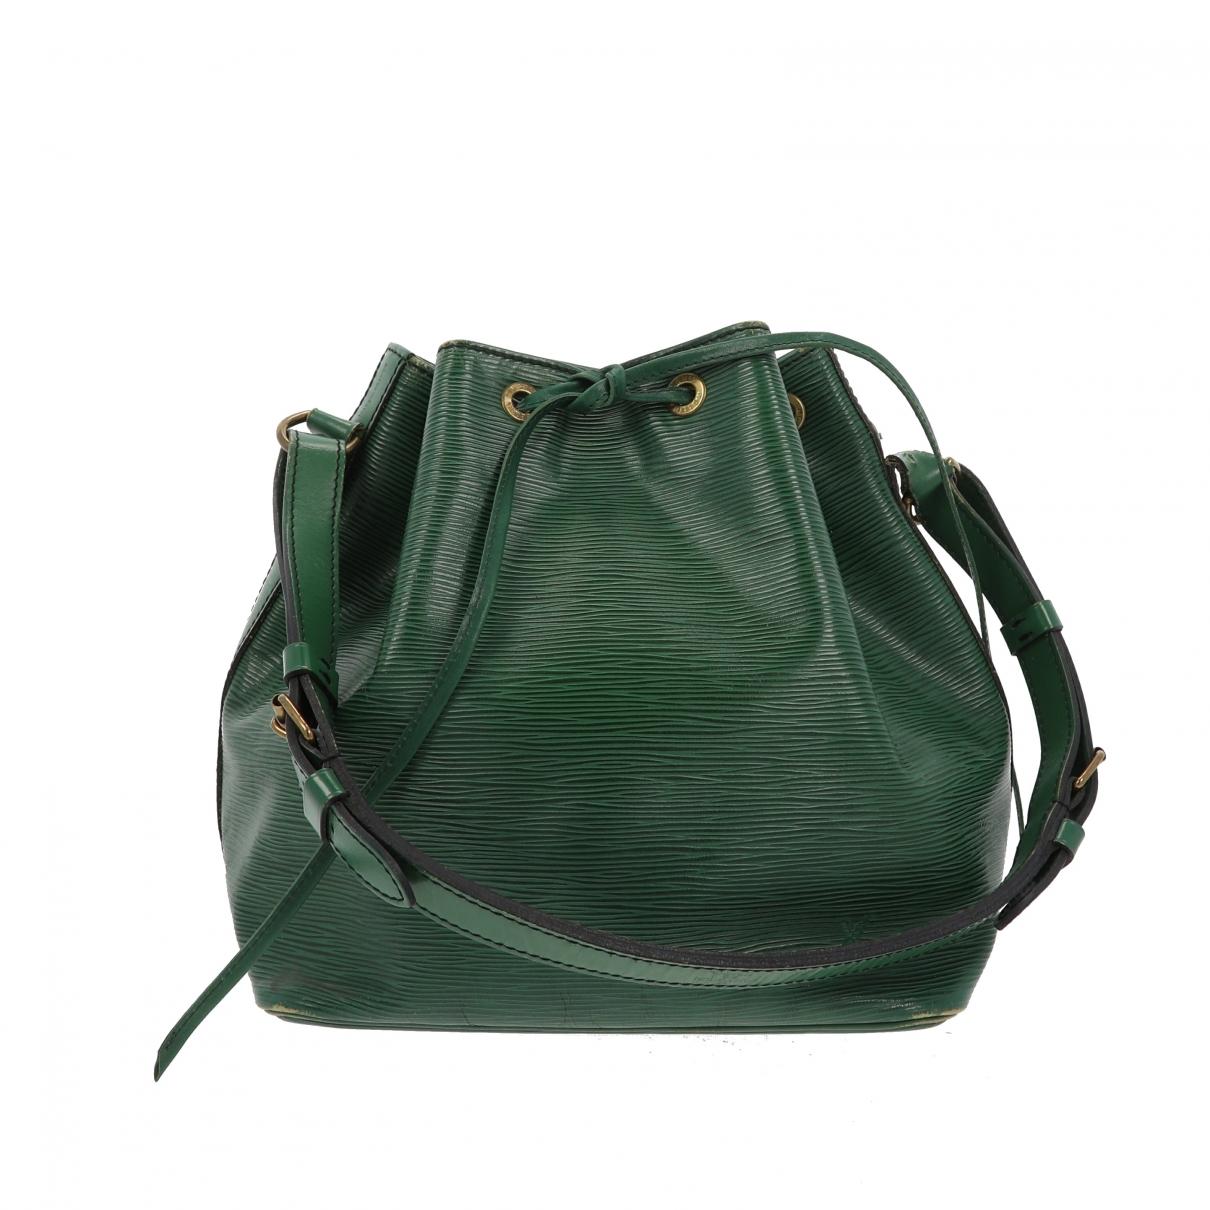 Louis Vuitton Noe Handtasche in  Gruen Leder